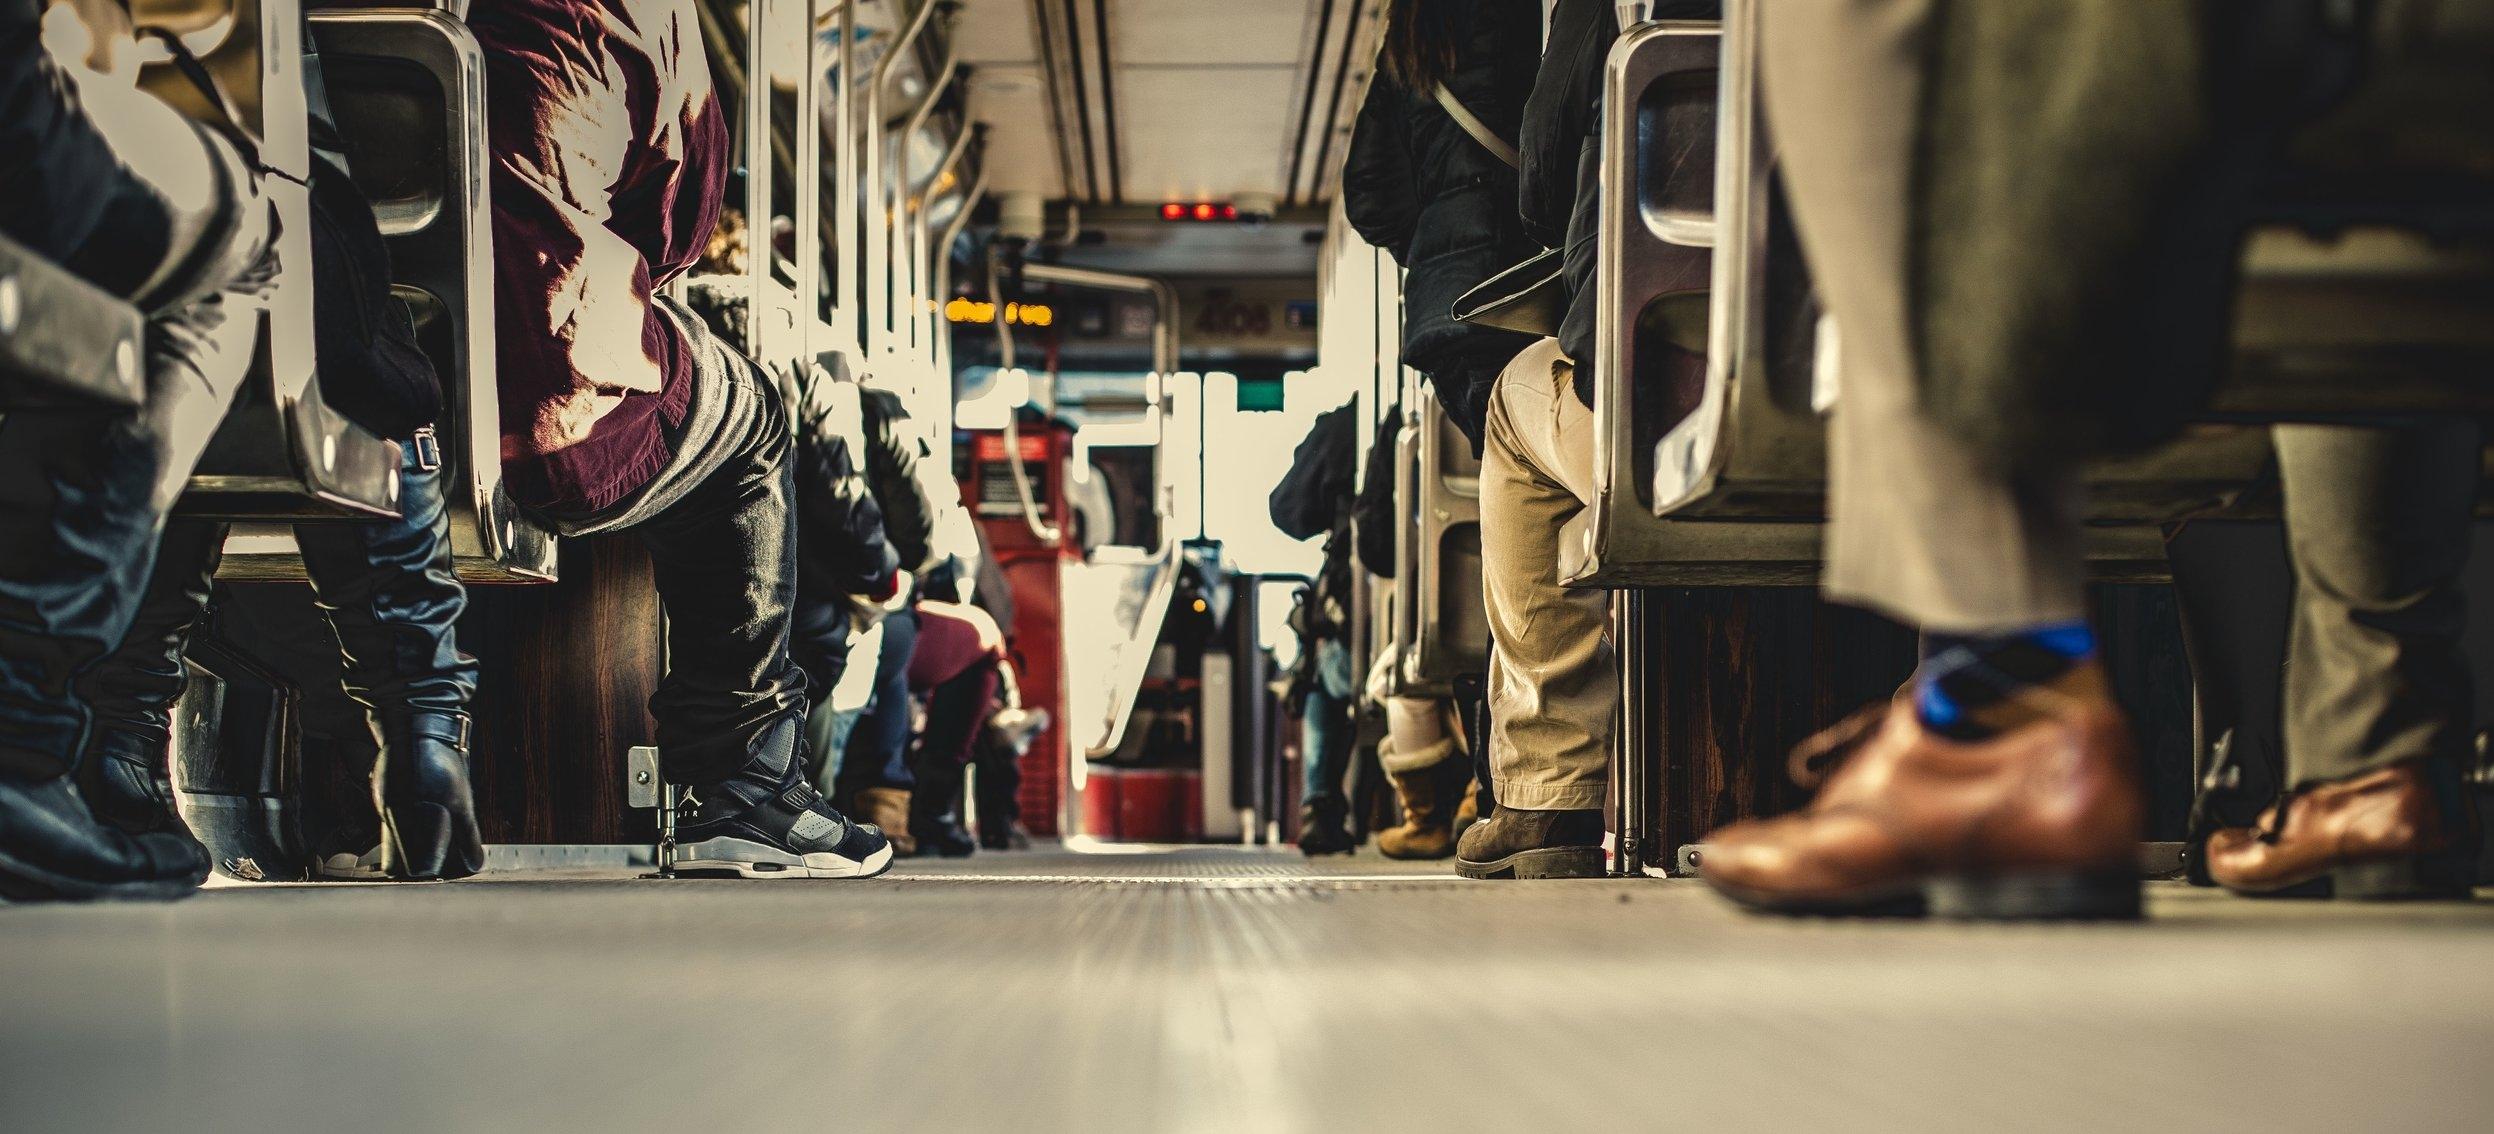 people-feet-train-travelling.jpeg